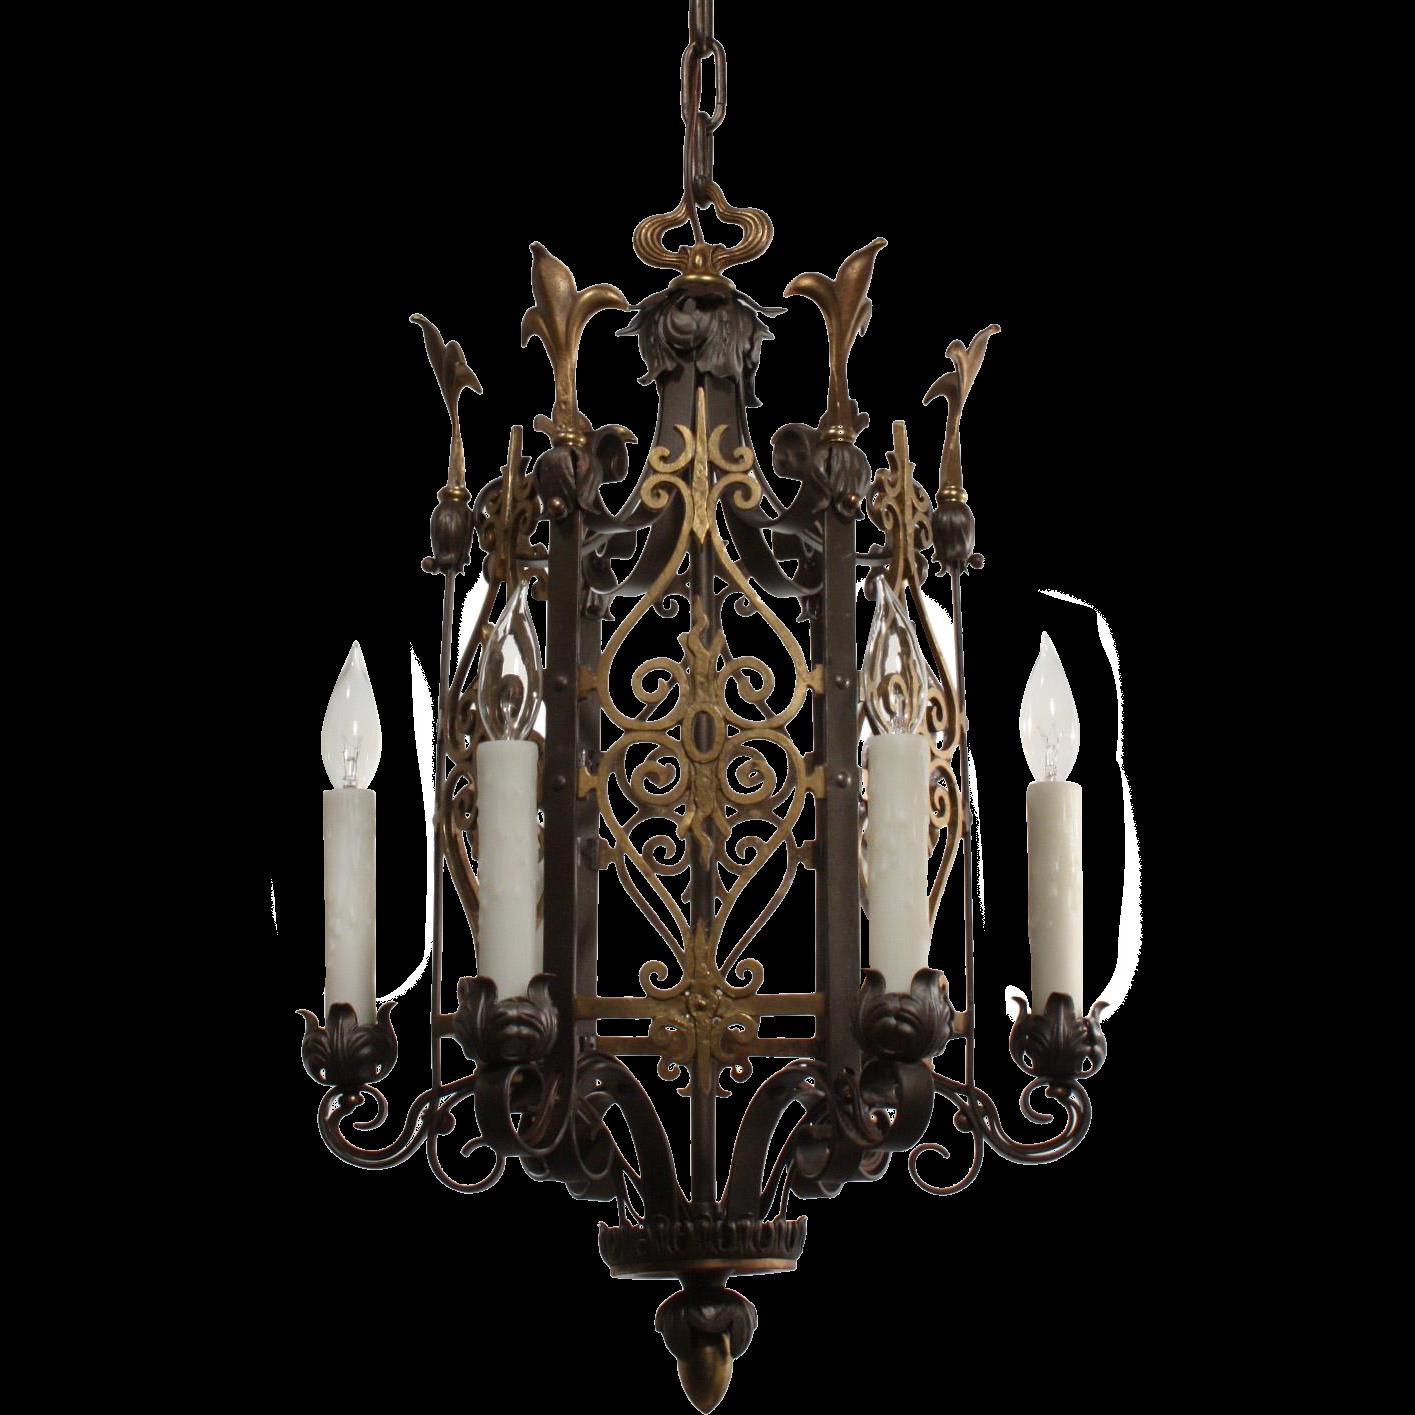 Fabulous Antique Tudor Two Tone Chandelier With Fleur De Lis From Preservatio